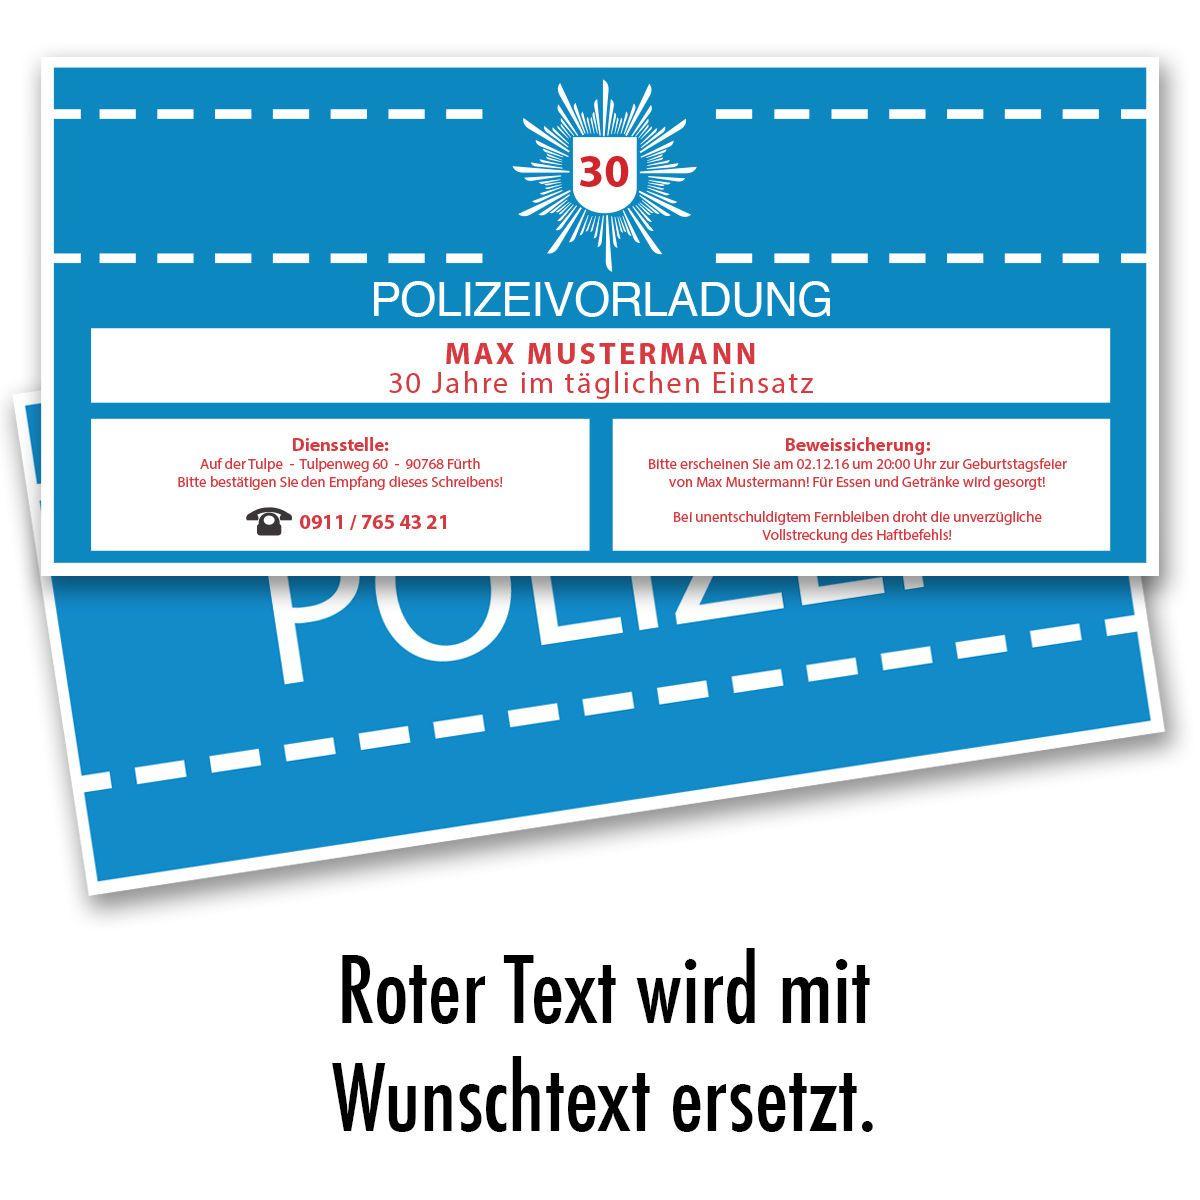 details zu einladungskarten zum geburtstag als polizeivorladung, Einladung